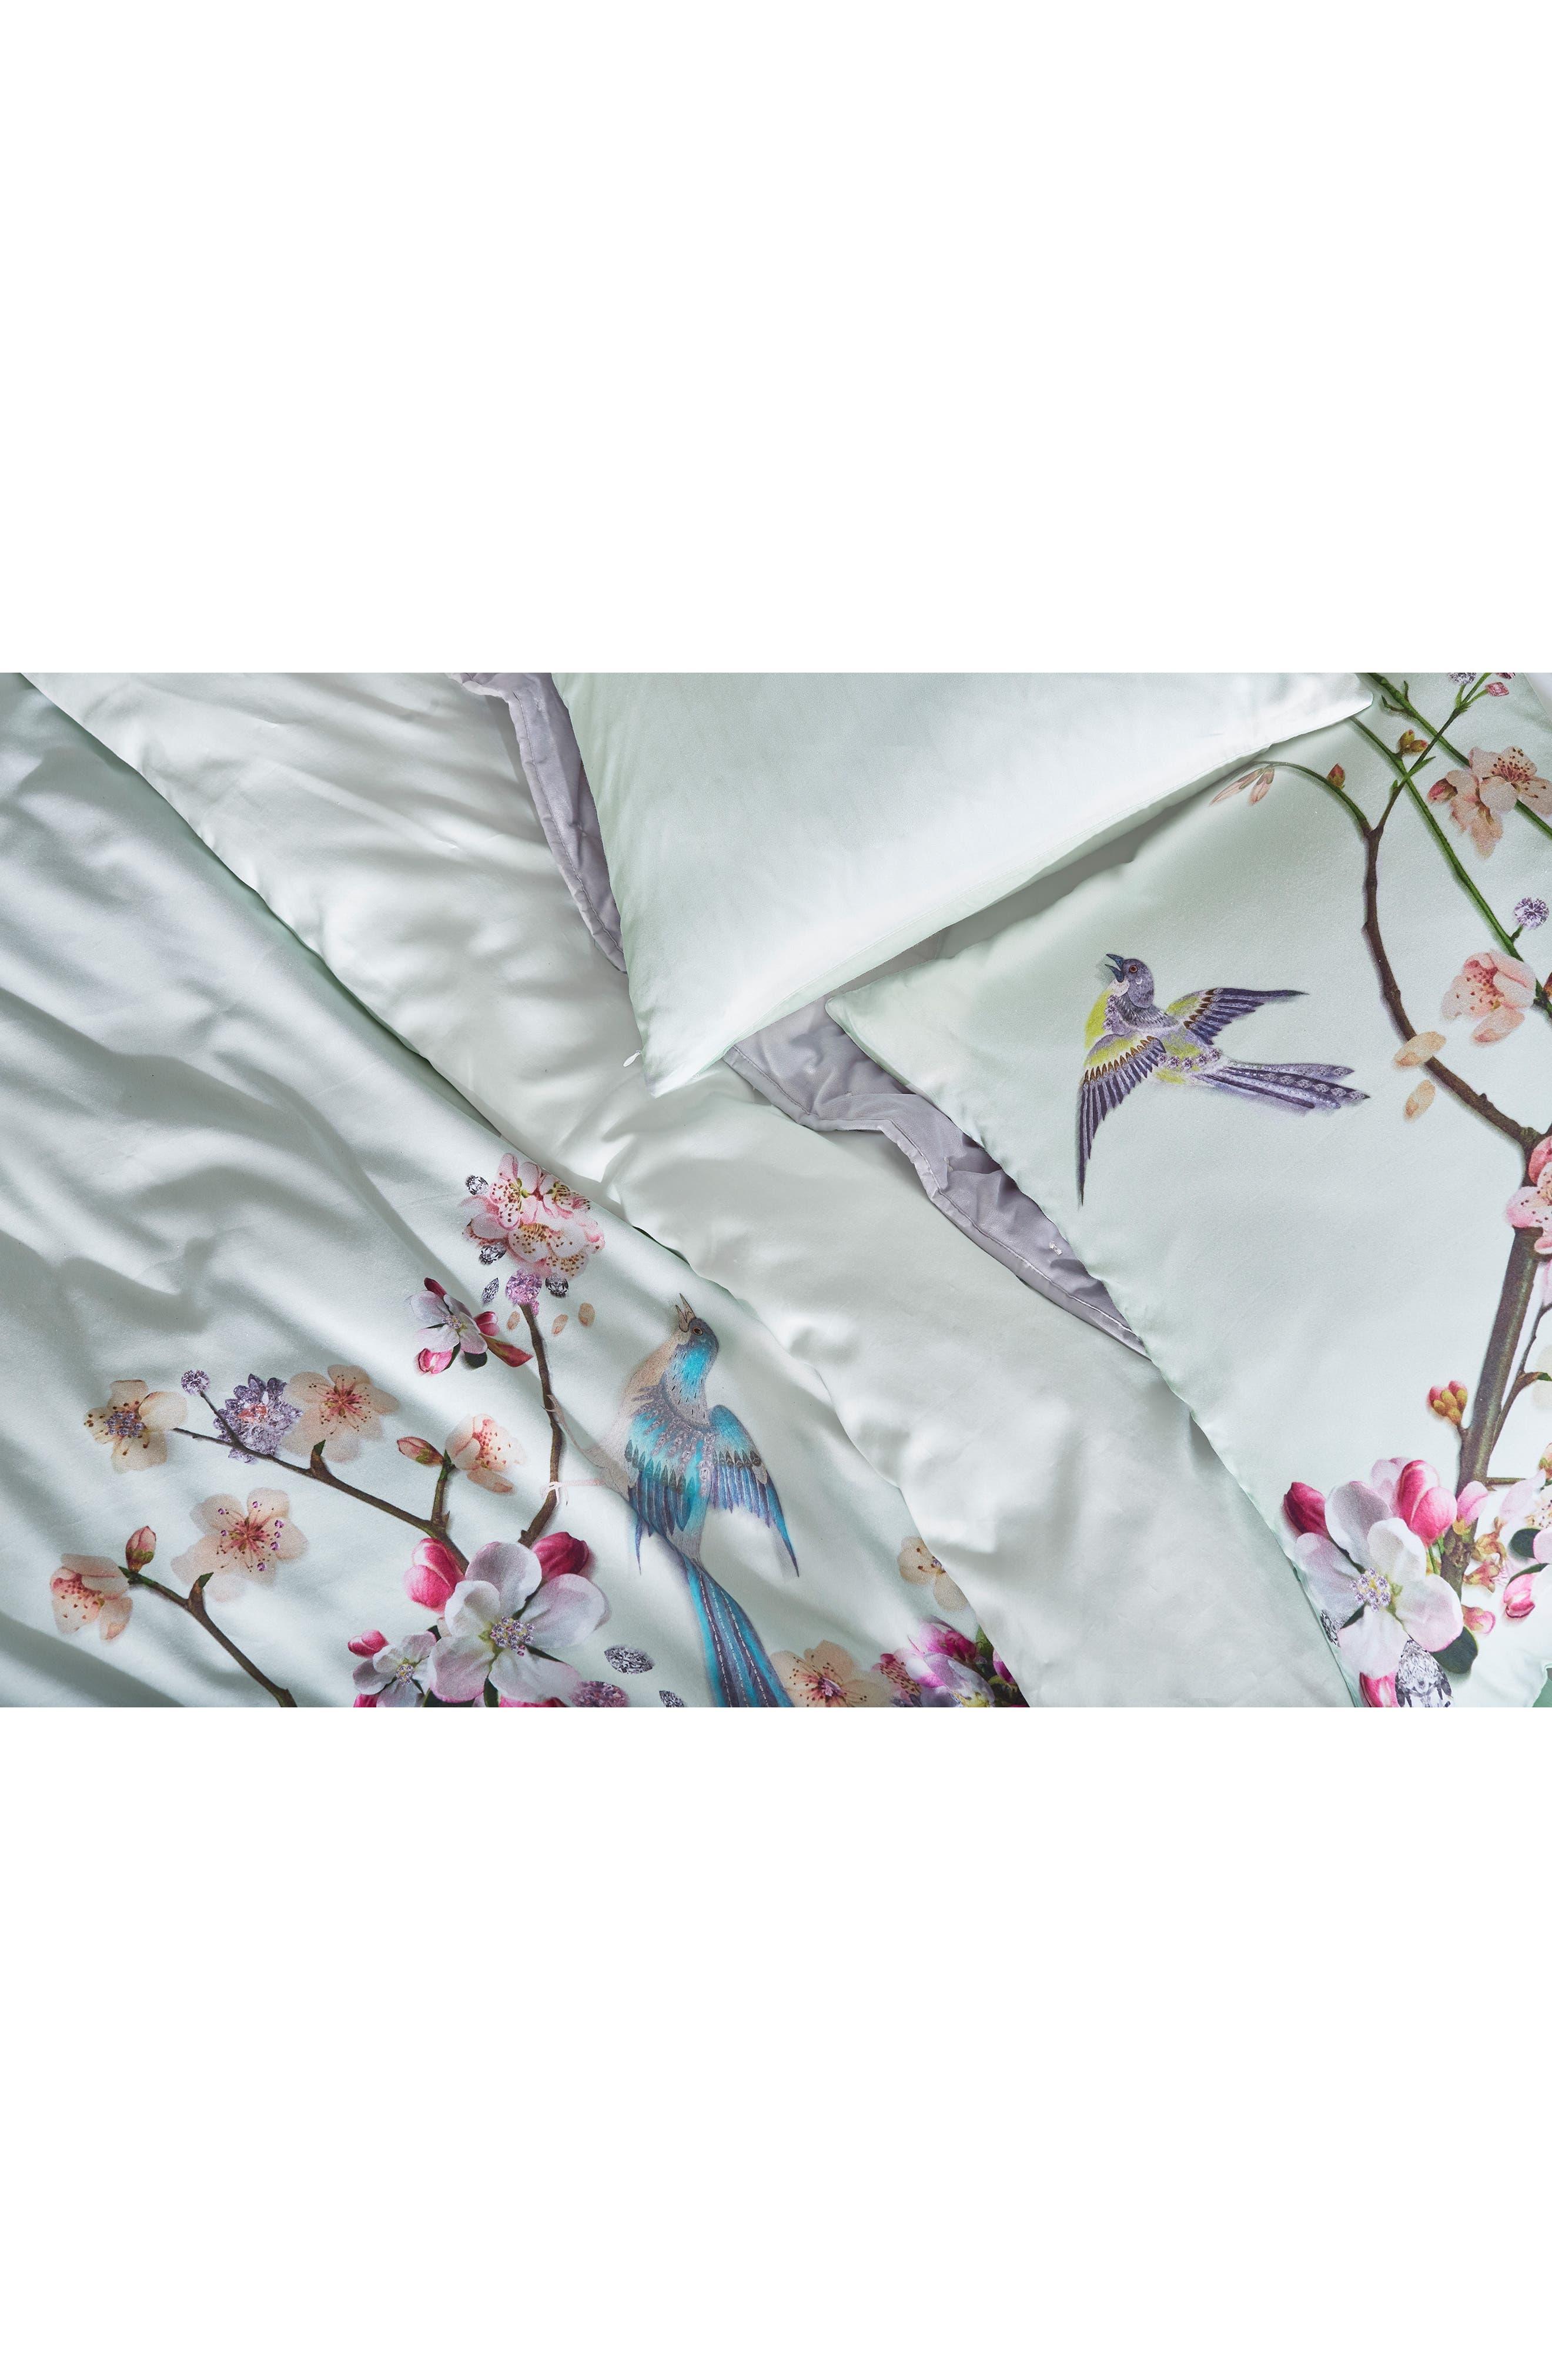 TED BAKER LONDON, Cherry Blossom Print Duvet Cover & Sham Set, Alternate thumbnail 2, color, MINT